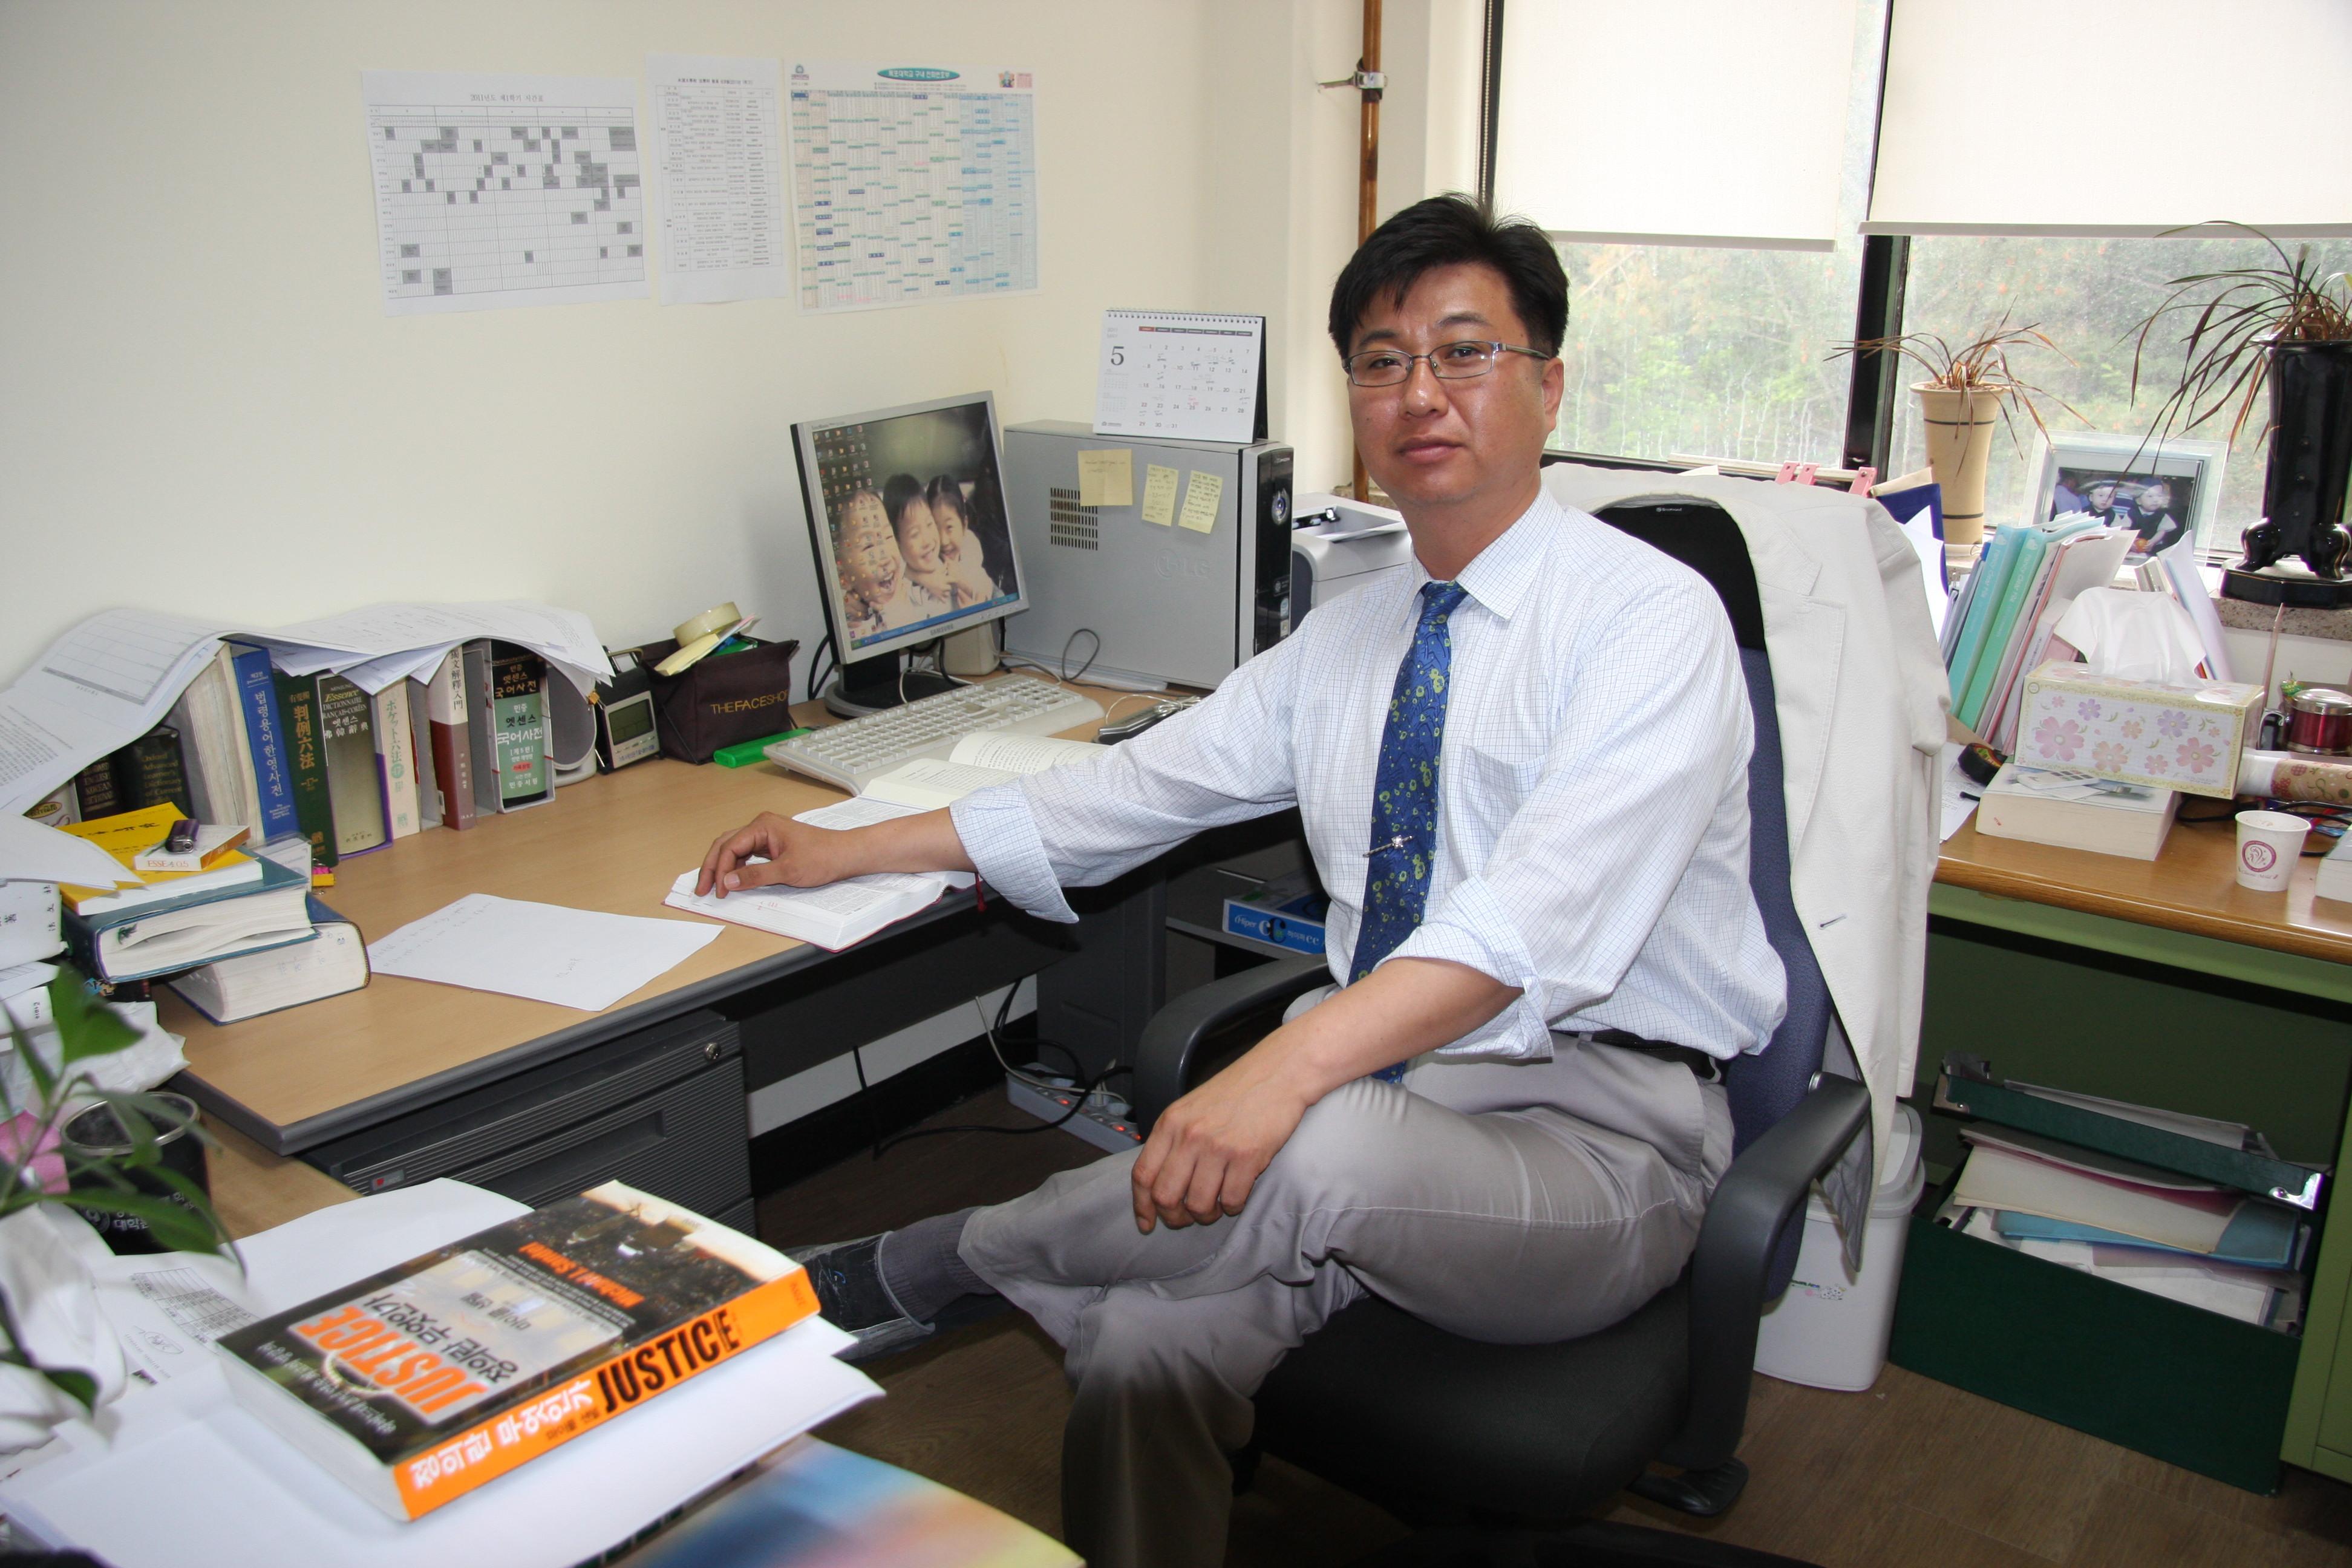 안영하 교수 사진